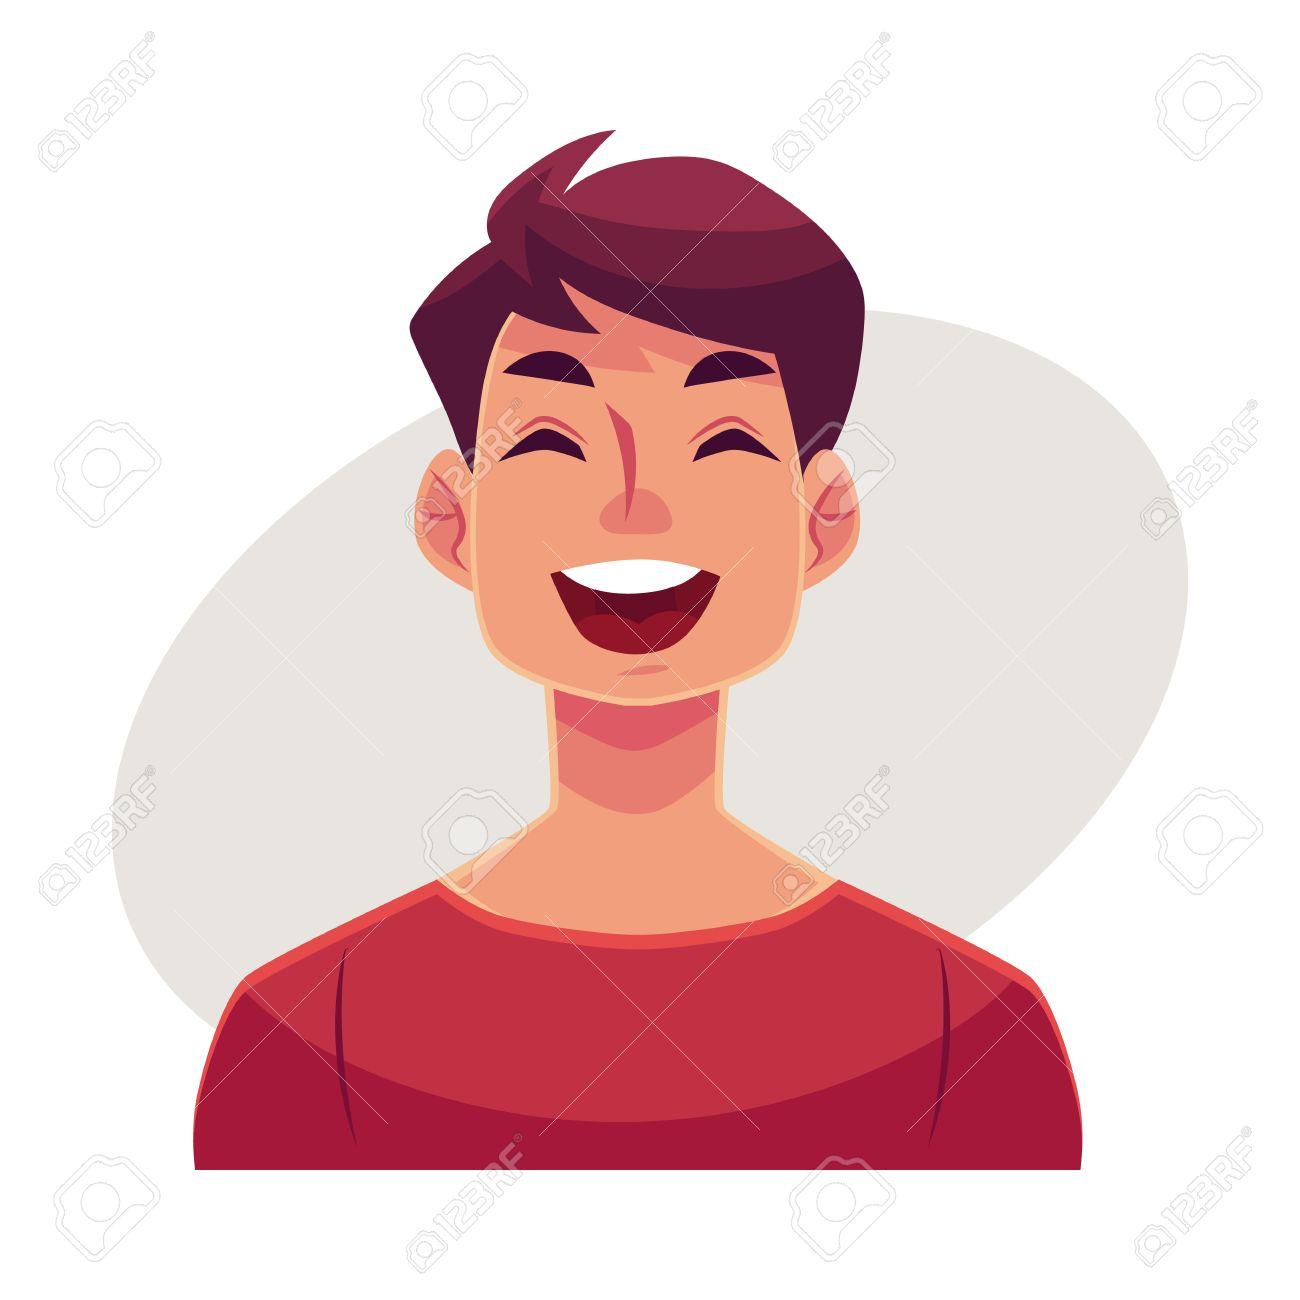 Visage Jeune Homme Rire Expression Du Visage Vecteur Dessin Anime